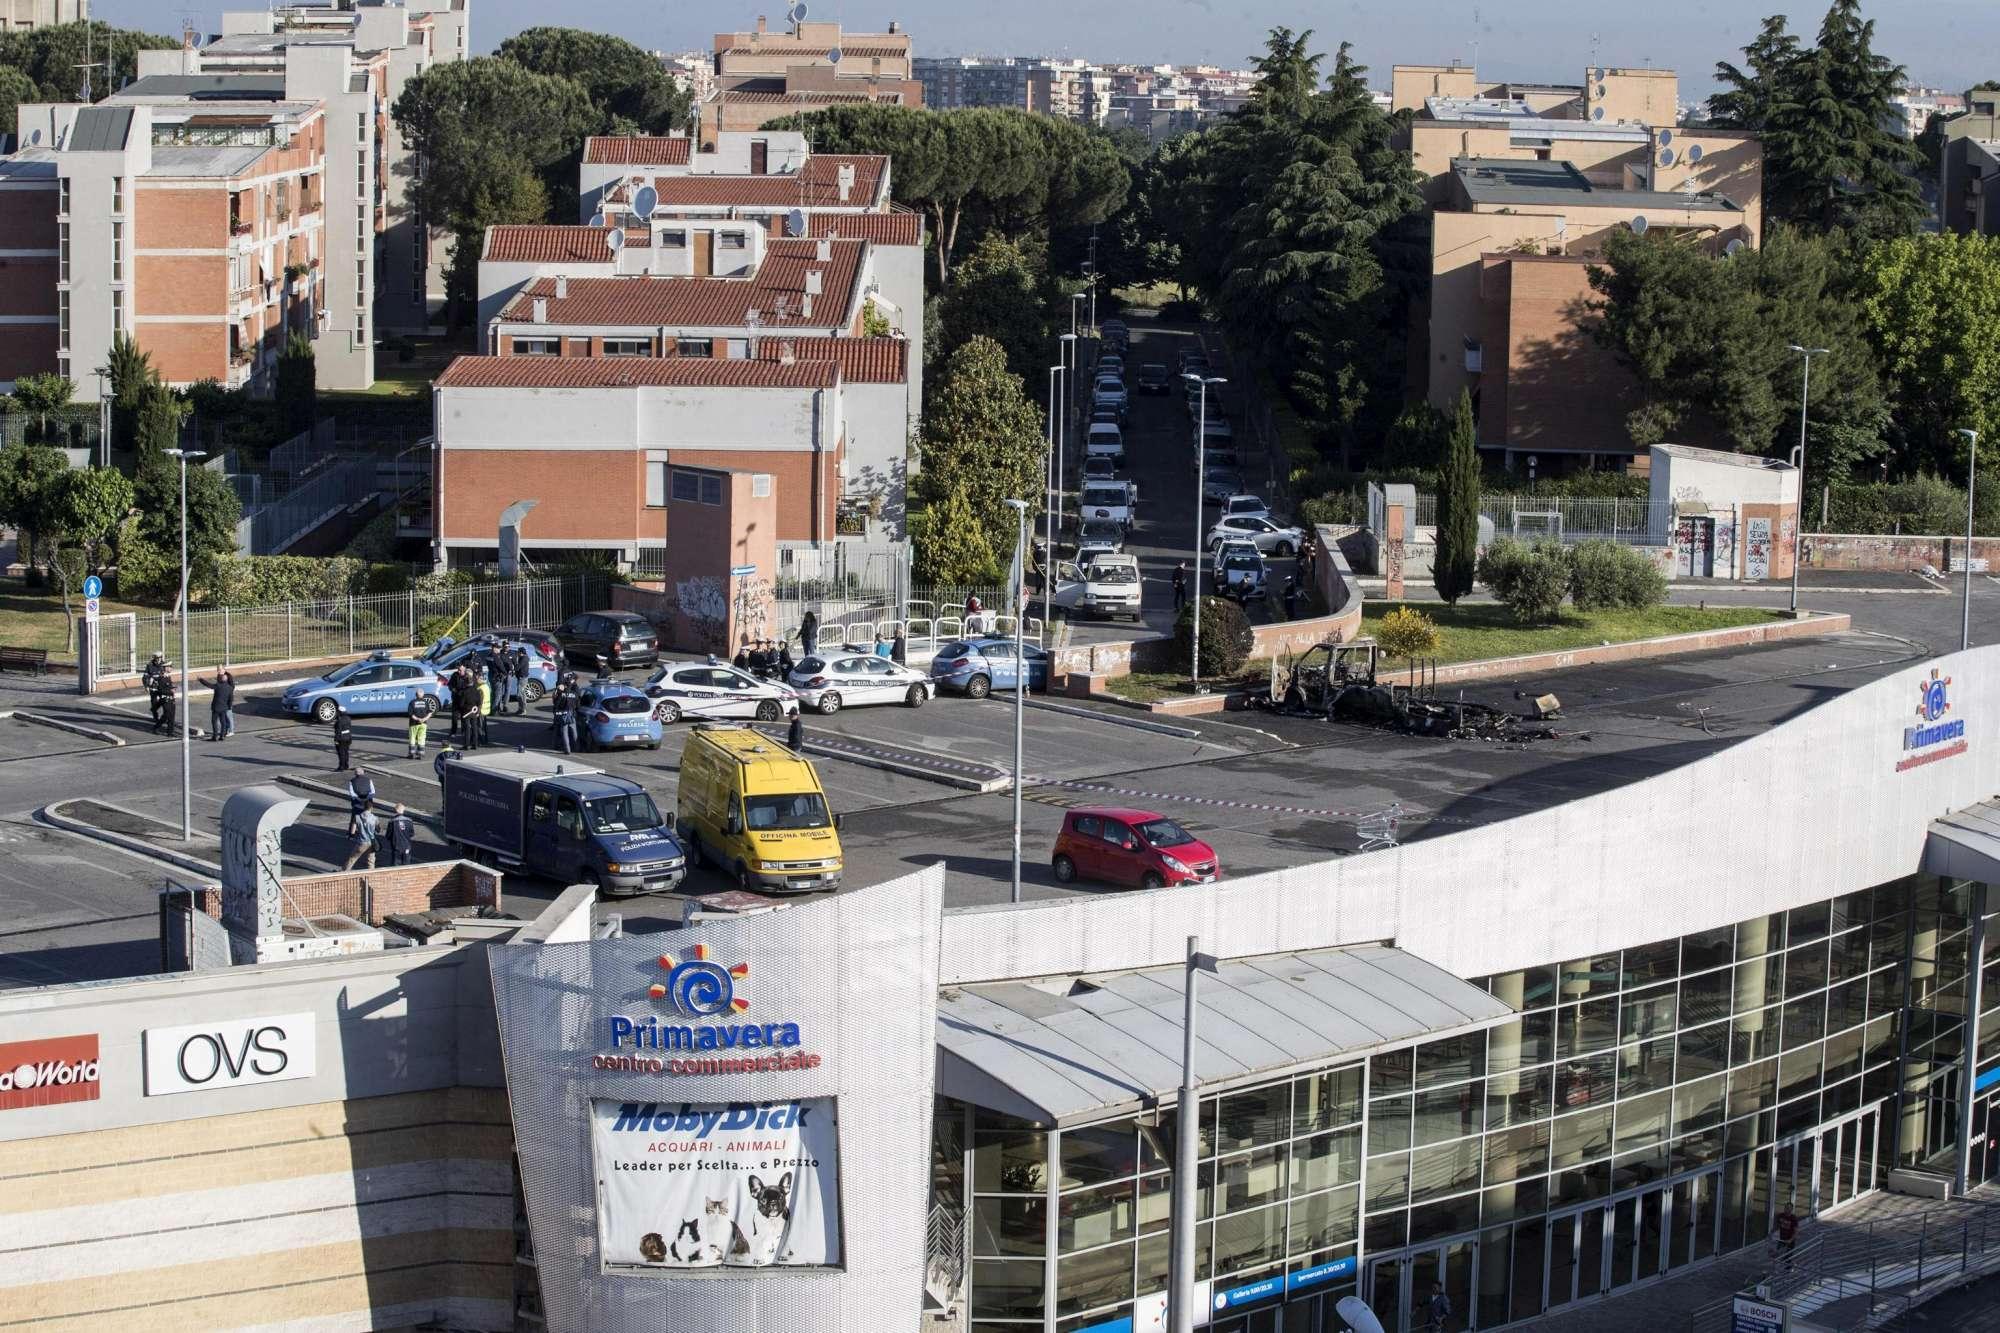 Roma, va a fuoco un camper: morte una ragazza e due bambine